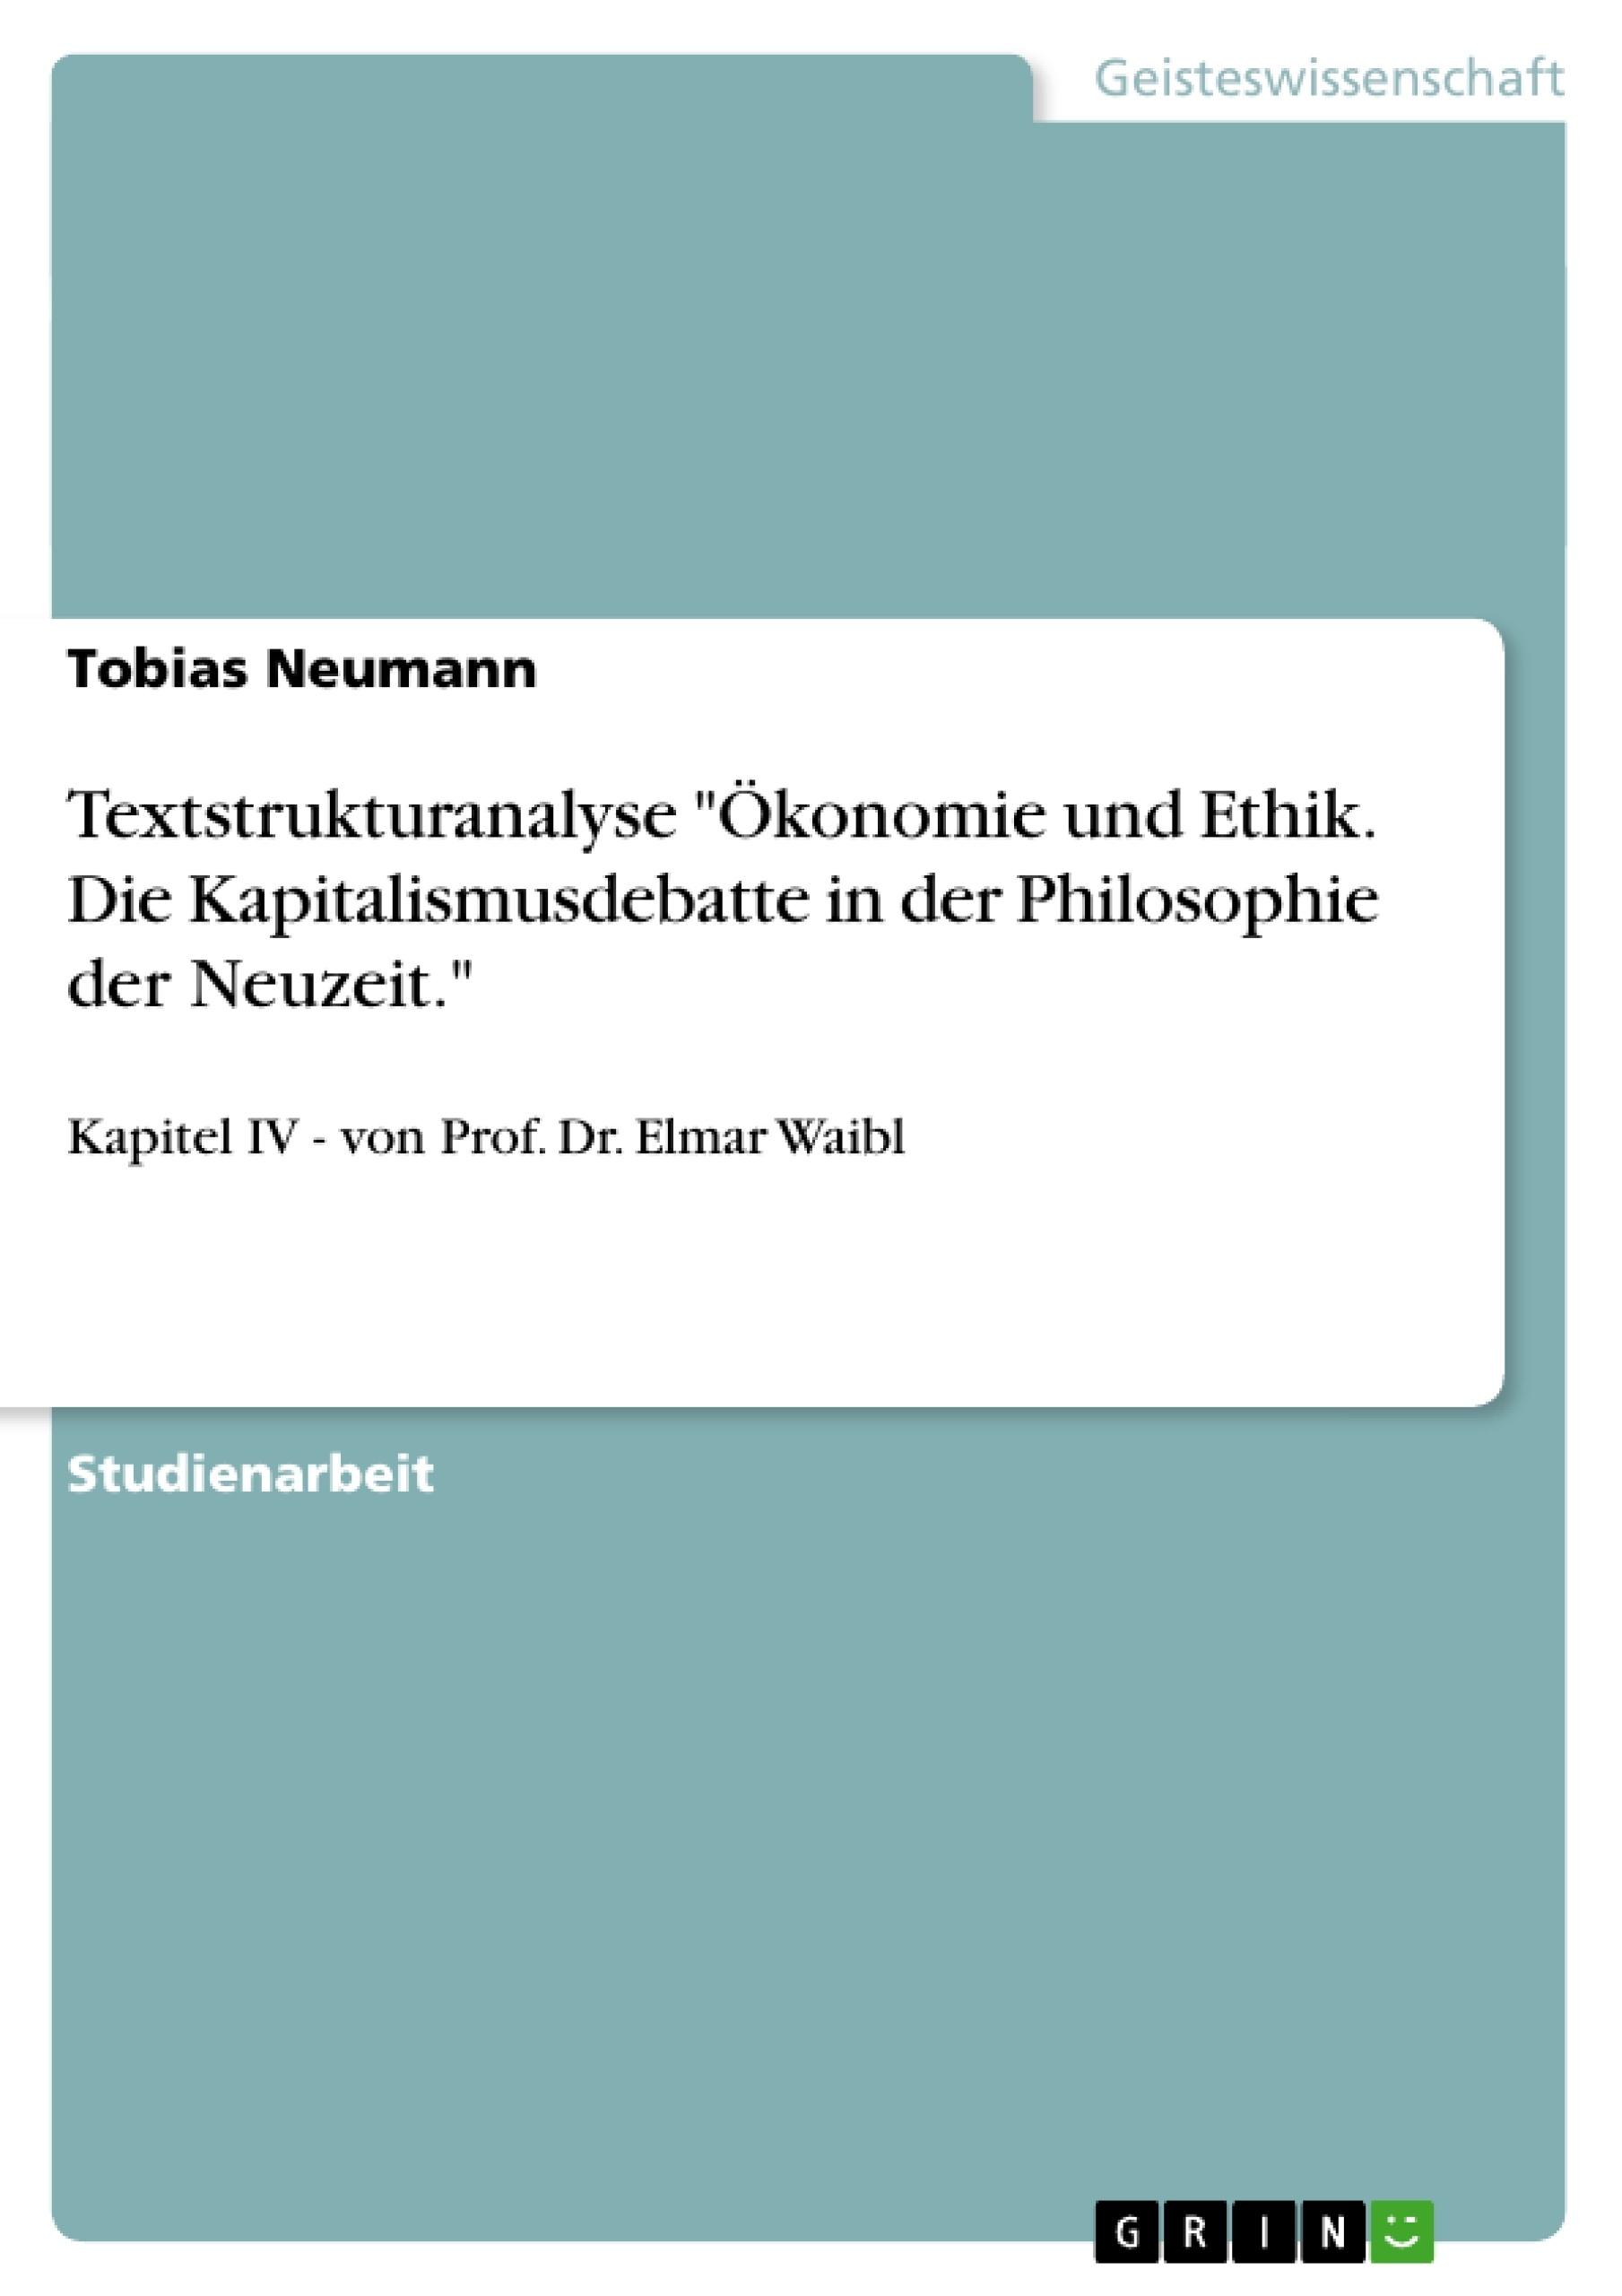 """Titel: Textstrukturanalyse """"Ökonomie und Ethik. Die Kapitalismusdebatte in der Philosophie der Neuzeit."""""""